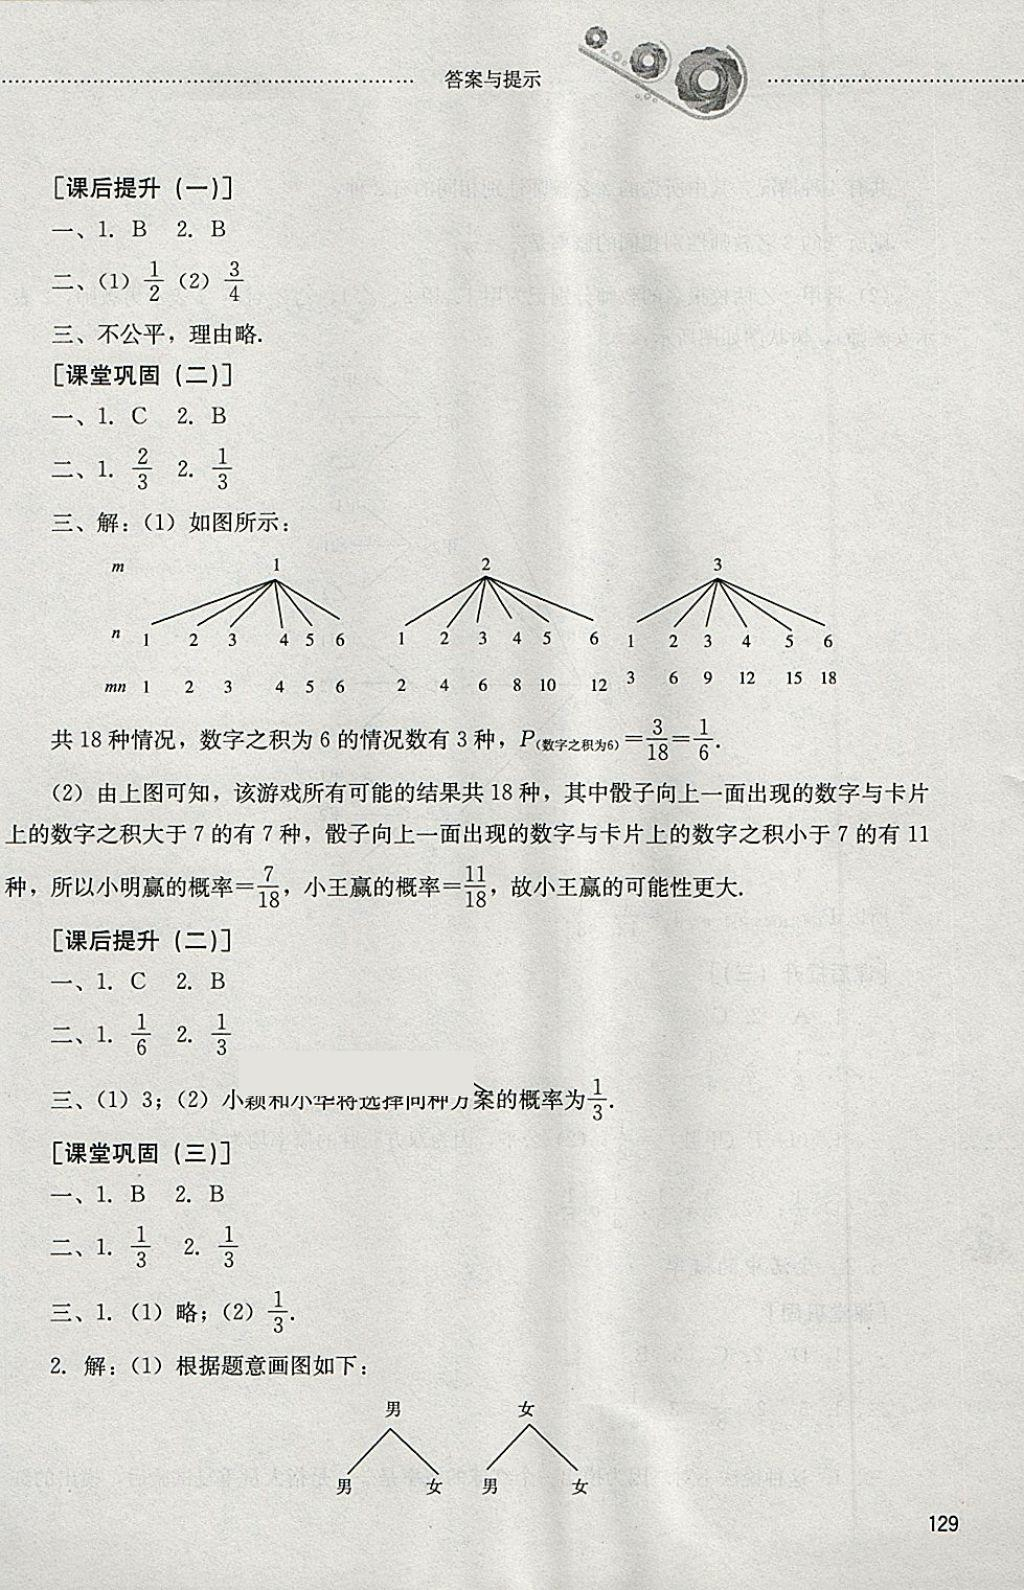 2018年初中课堂同步训练九年级数学下册山东文艺出版社第15页